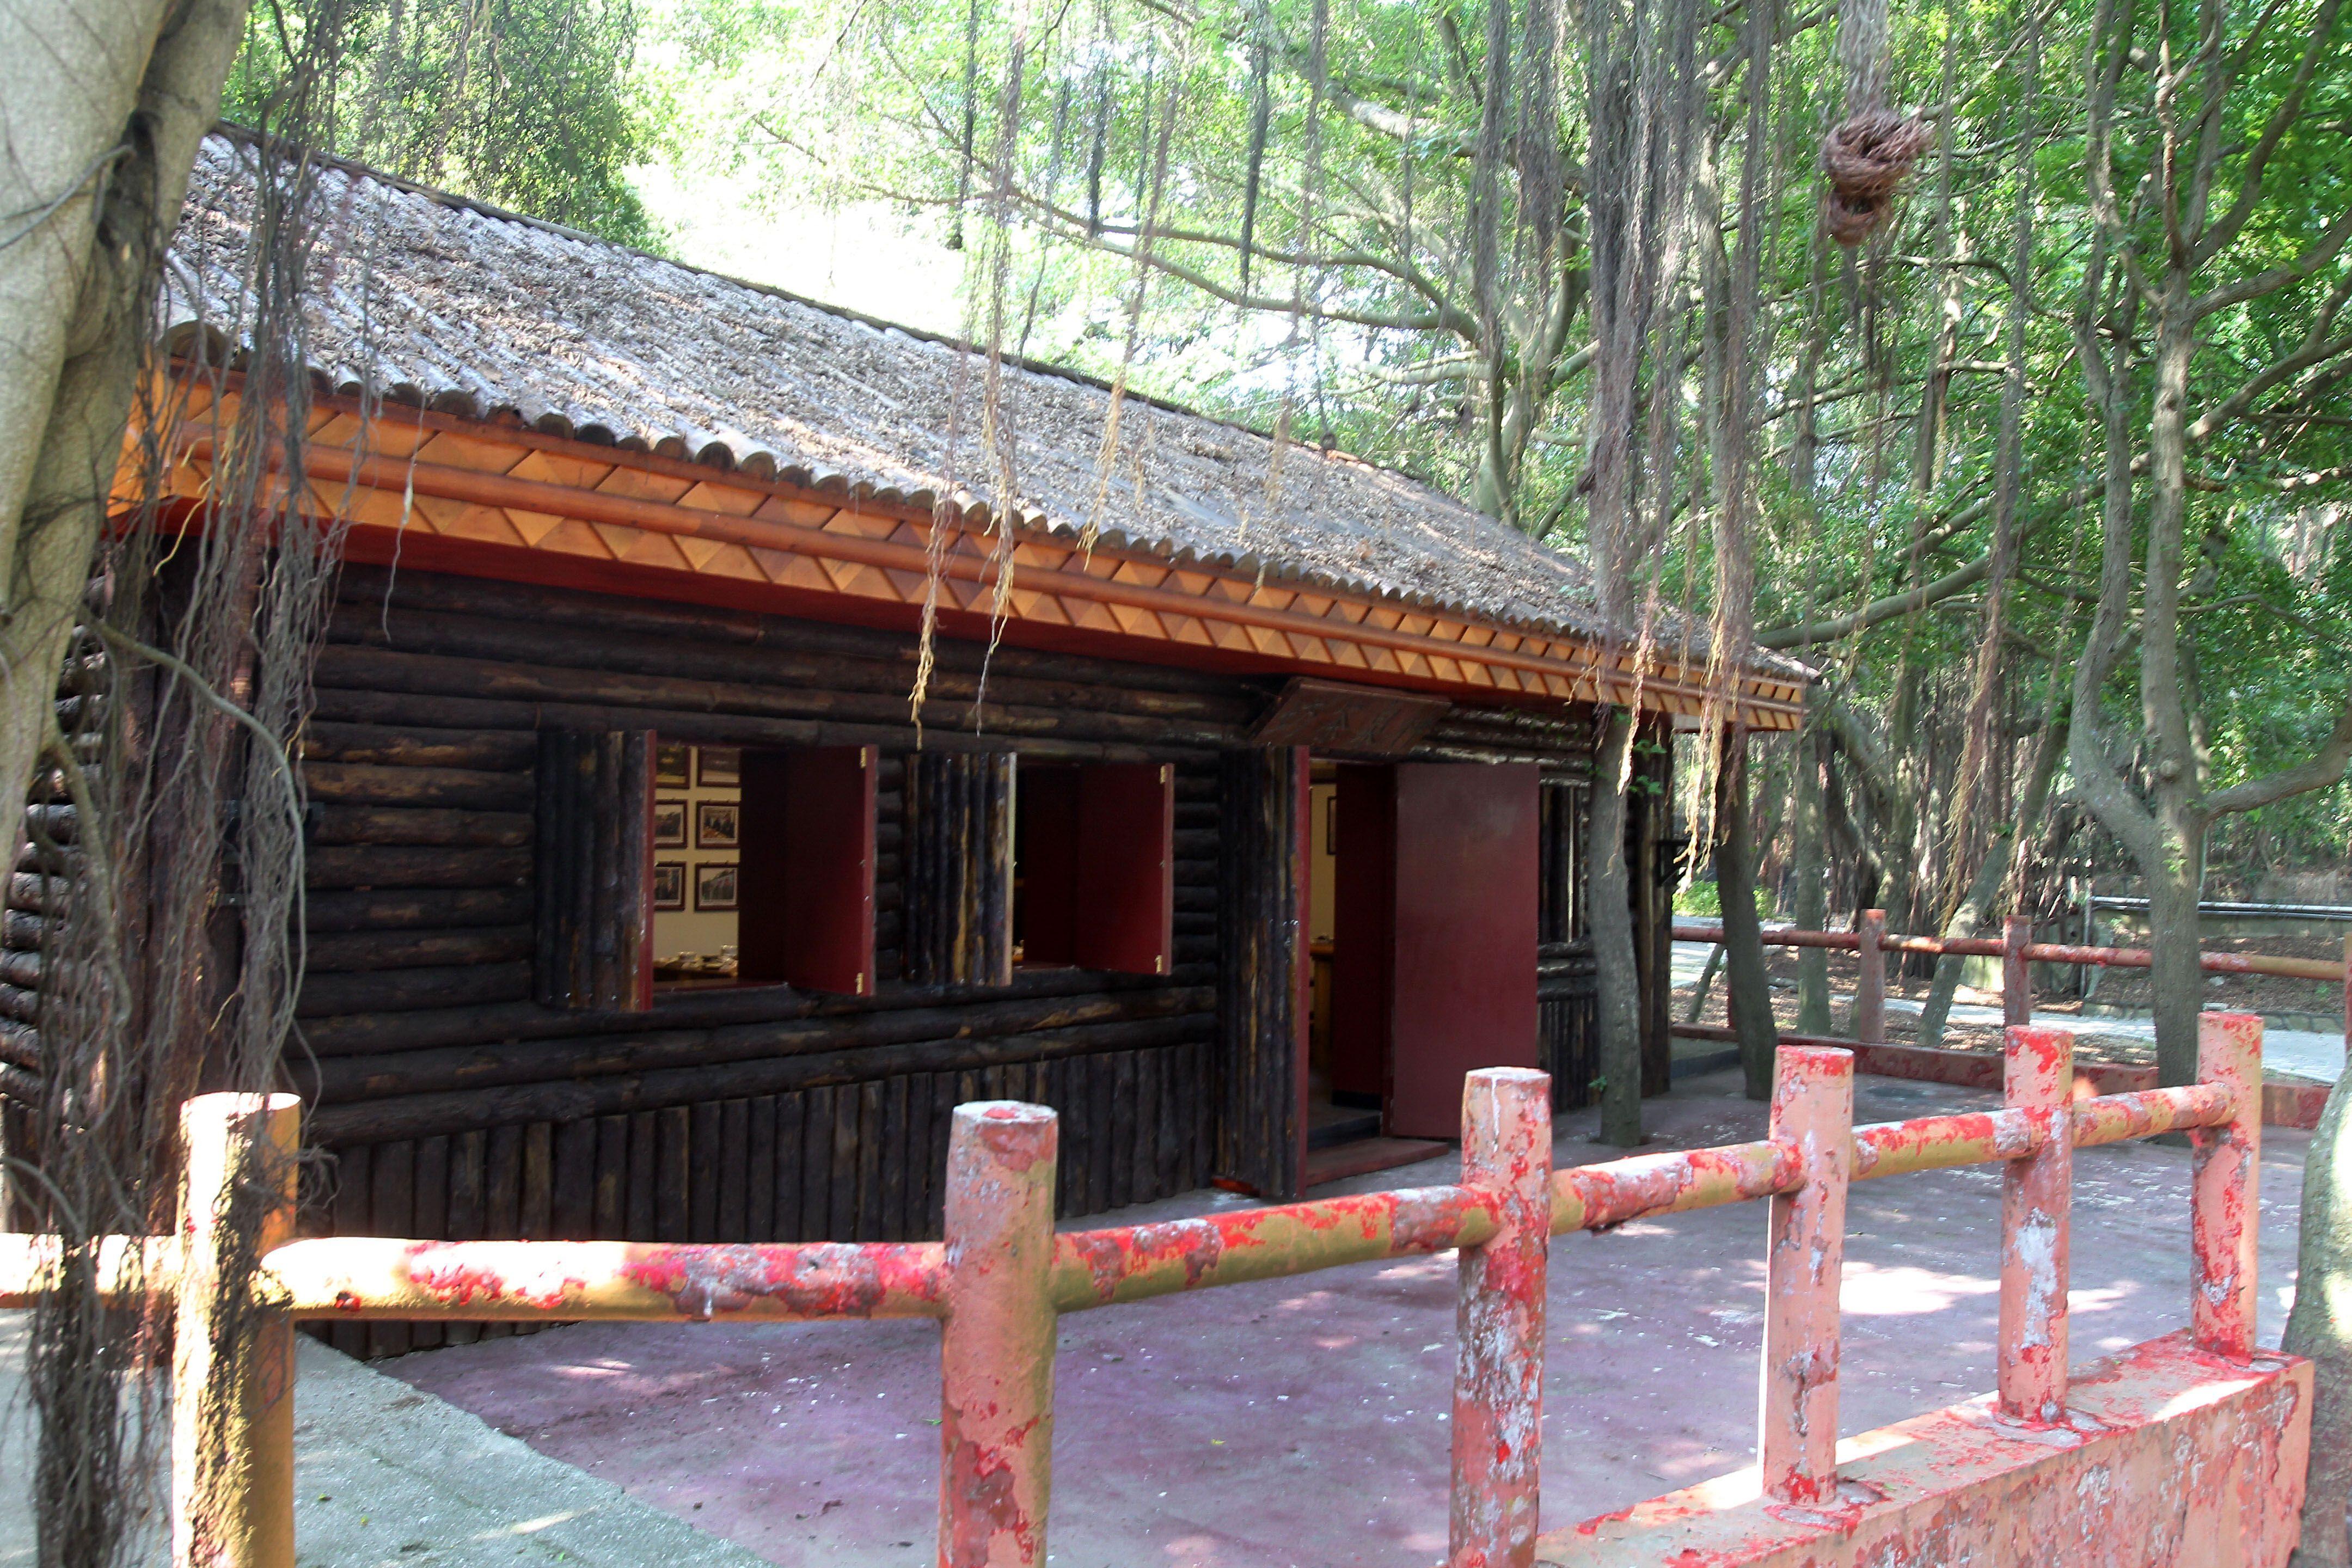 「神泉茶坊」因為茶坊旁有口神泉井,是島上官兵喝茶休閒娛樂的好地方。(記者邱榮吉/大膽島拍攝)